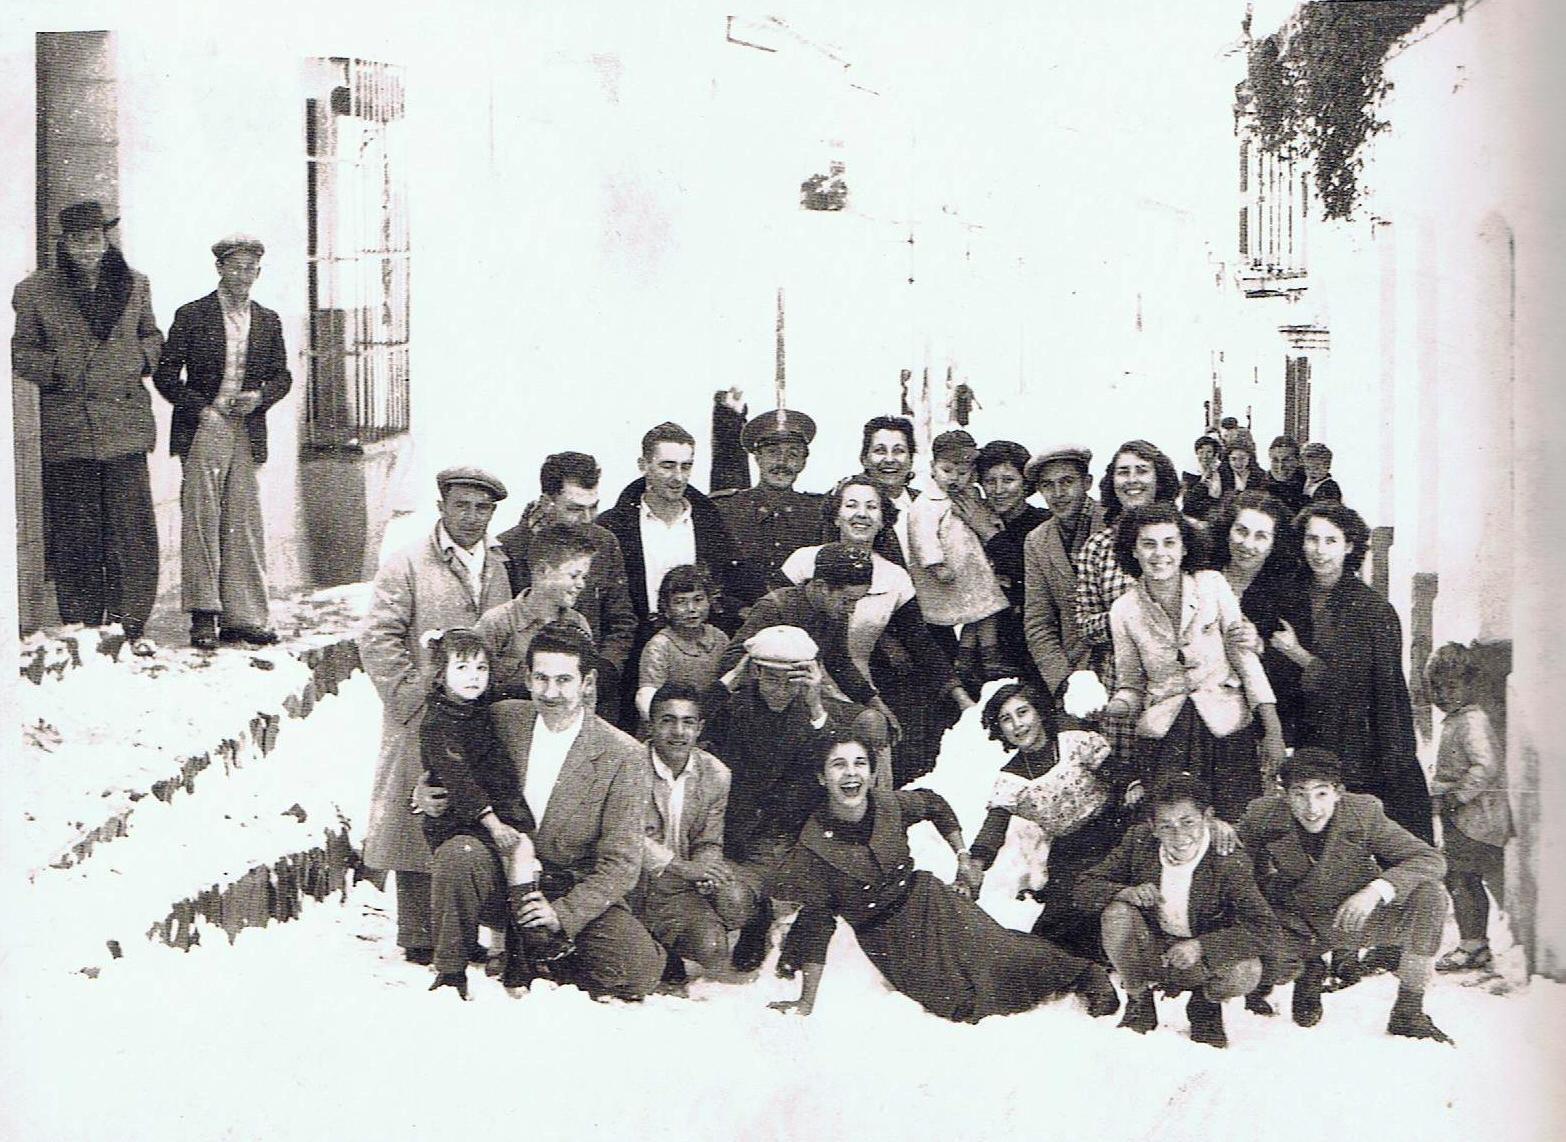 Grupo de jimenatos del barrio arriba. Año 1954. Ediciones OBA